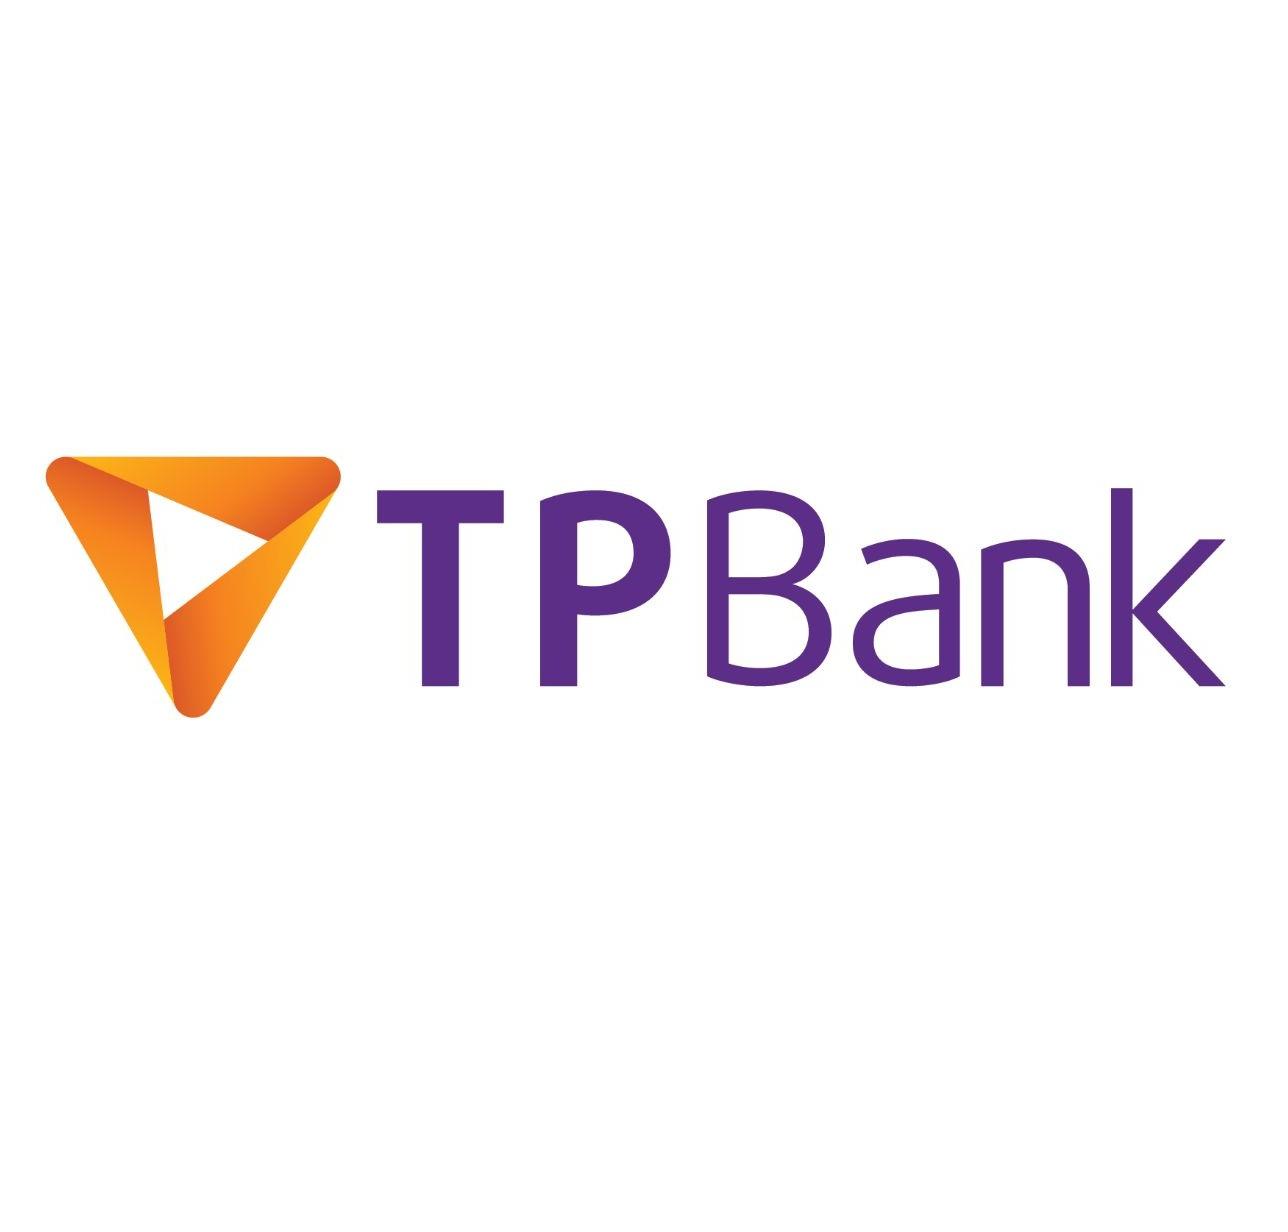 tpbank_2